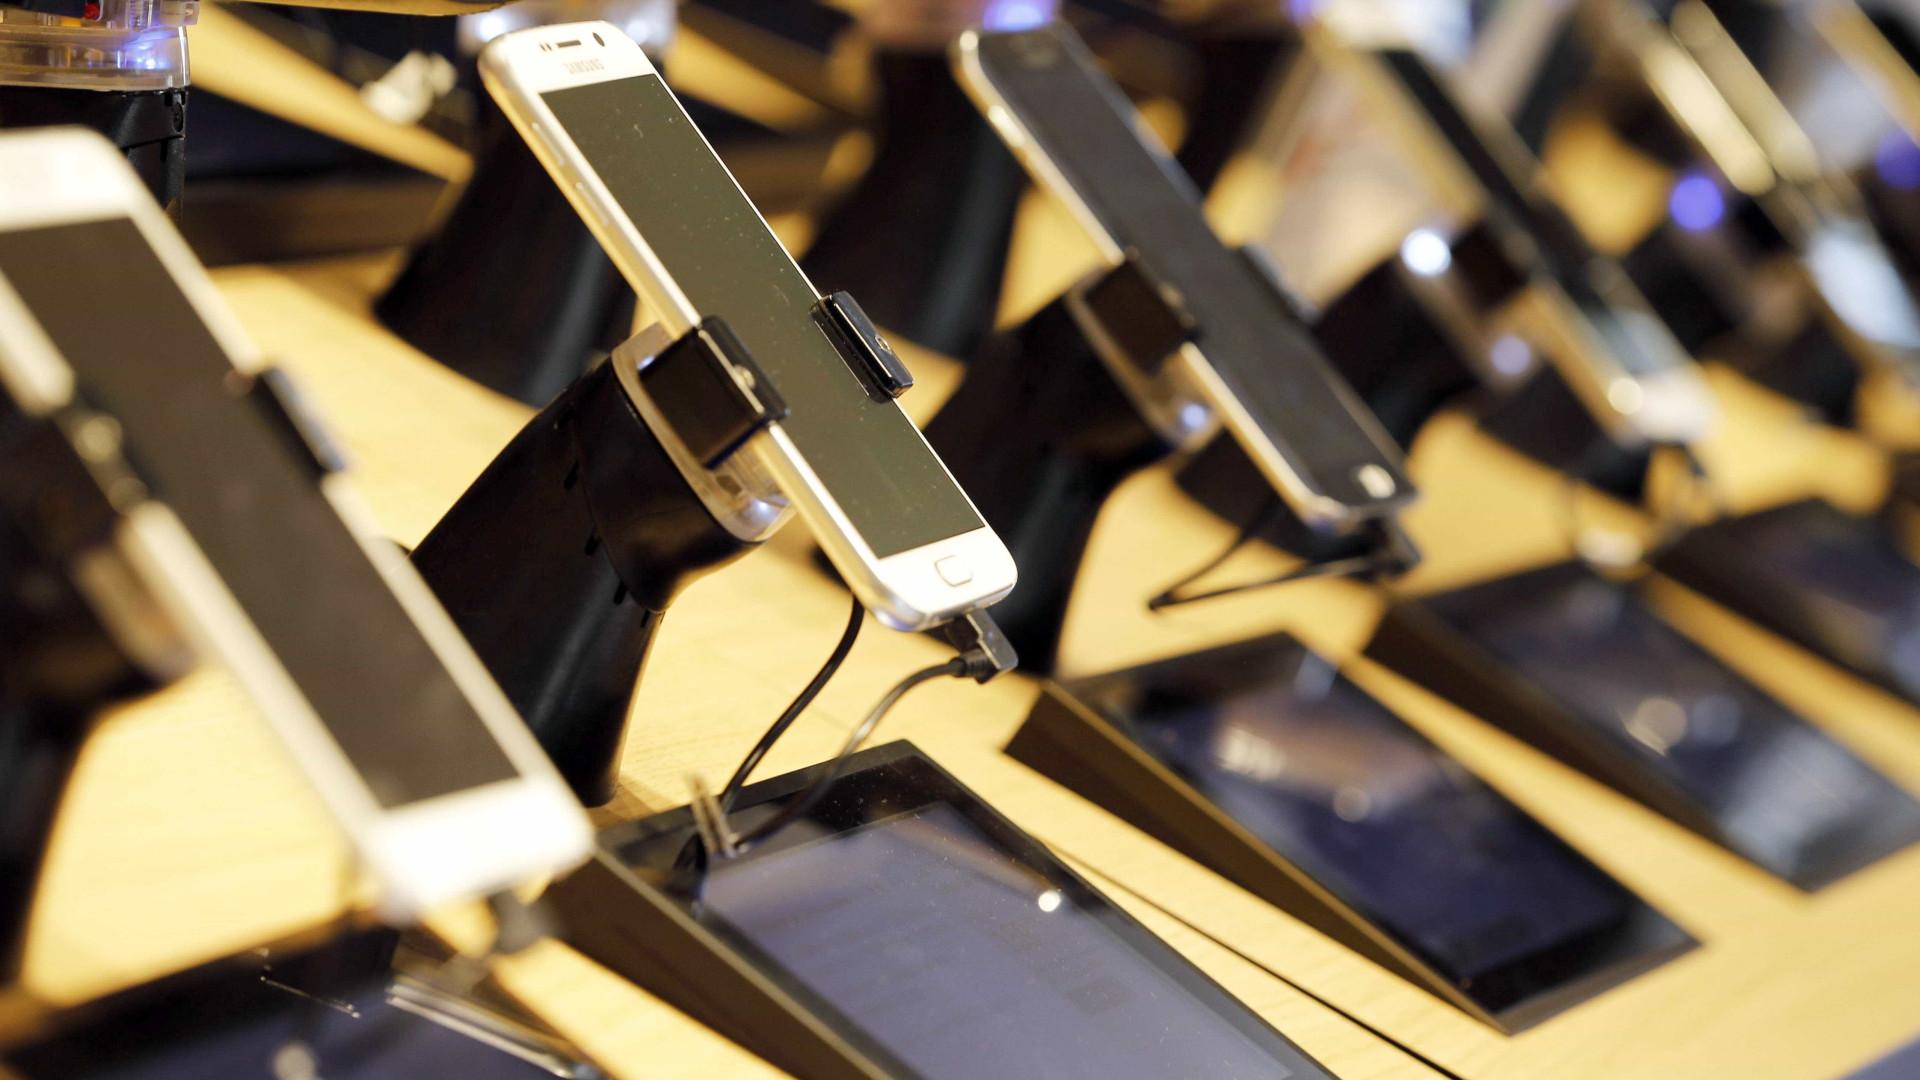 Saiba quais são os smartphones mais procurados deste mês